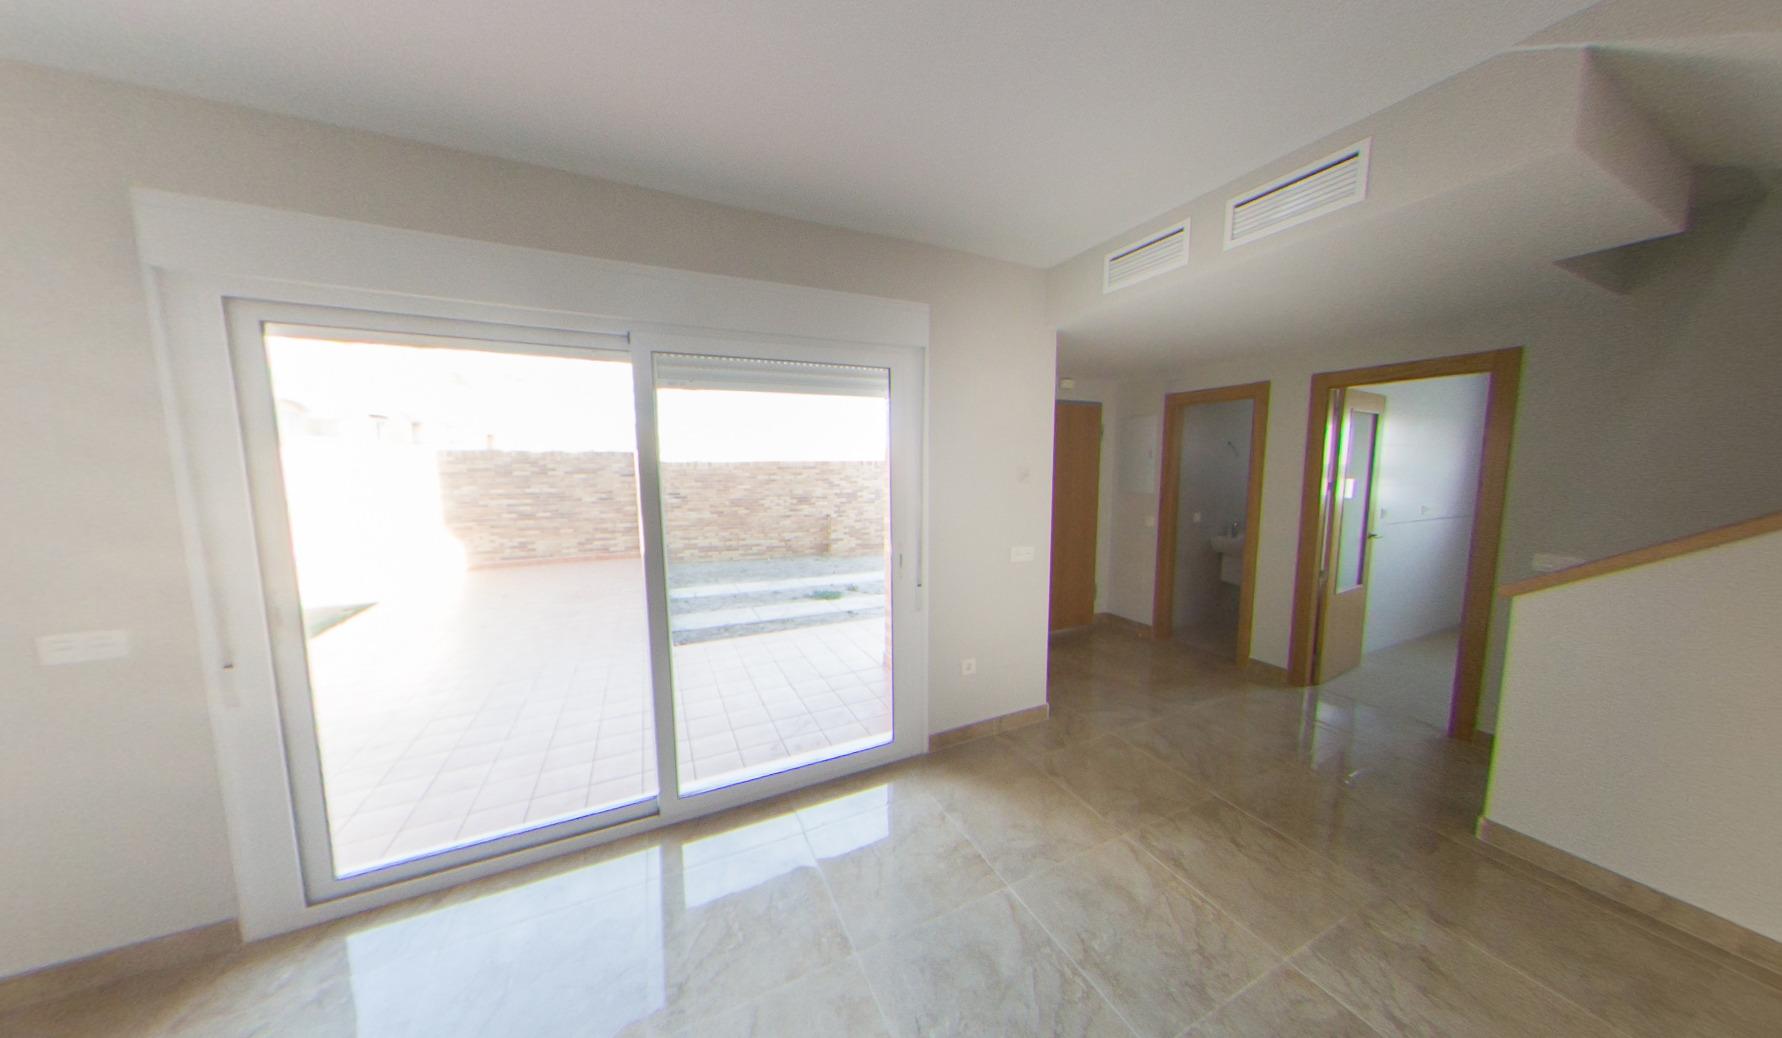 Casa de tres dormitorios en La Cañana